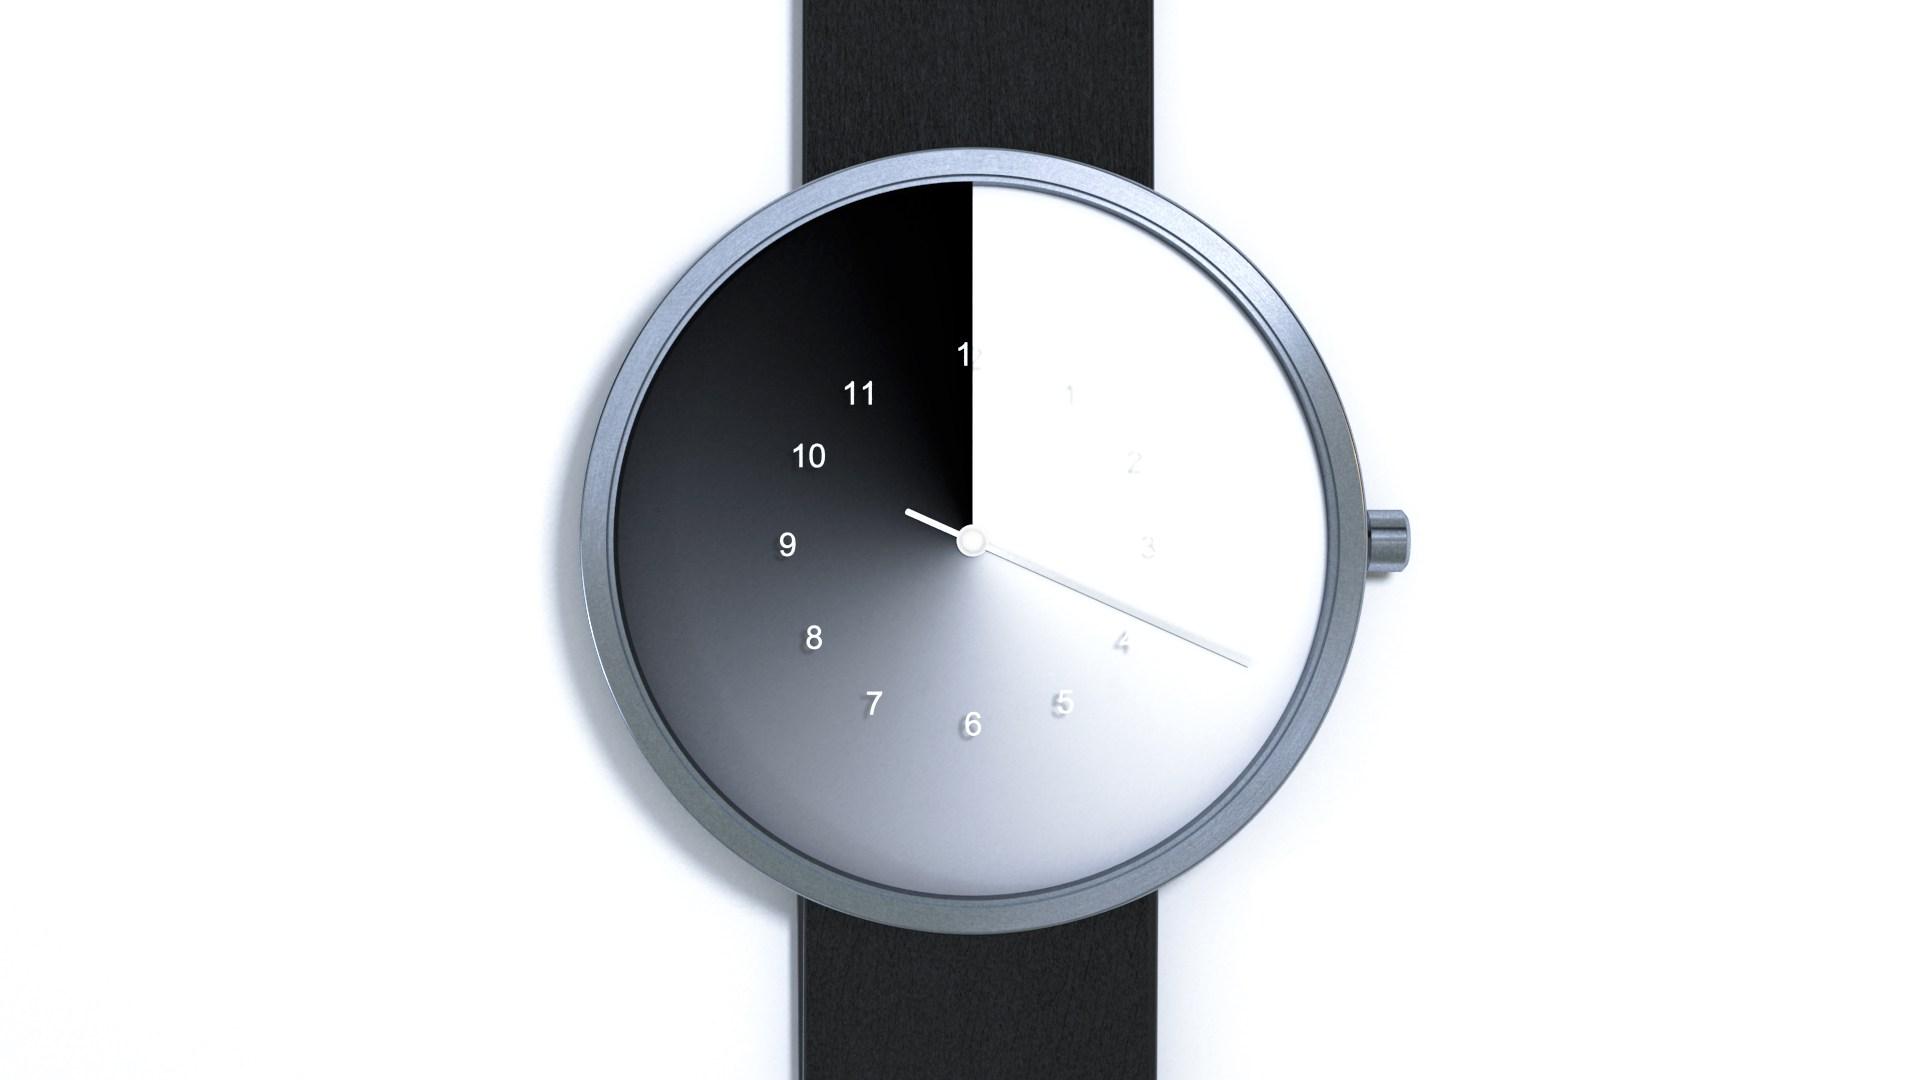 Mohly by tyto hodinky poupravit vnímání času?